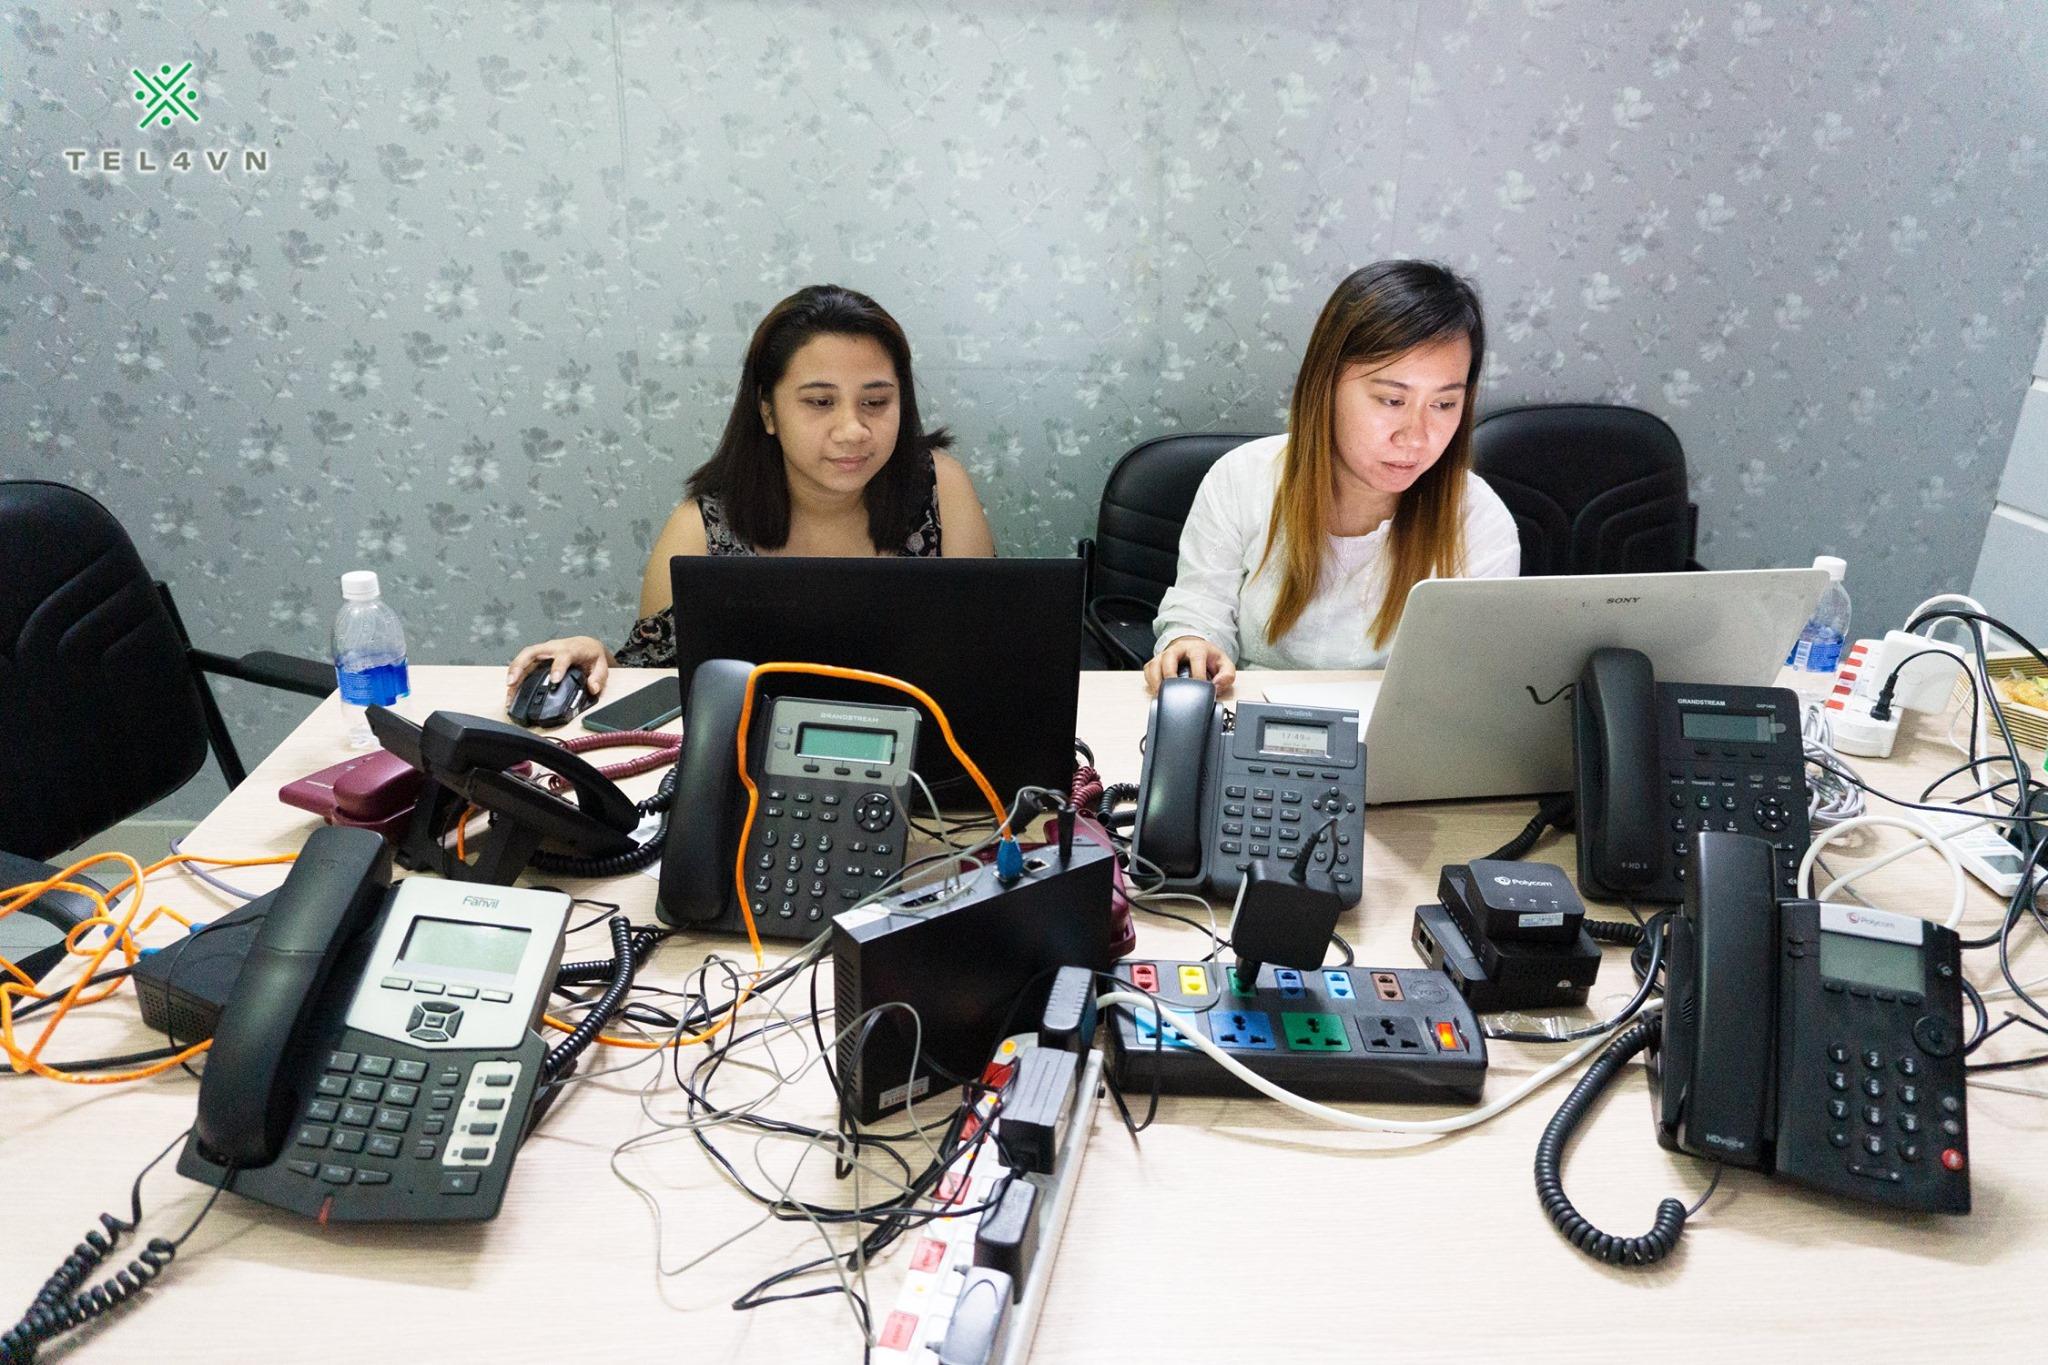 đào tạo VoIP theo đặt hàng của đối tác MacroTech USA, với học viên đến từ Team CS Philippines.